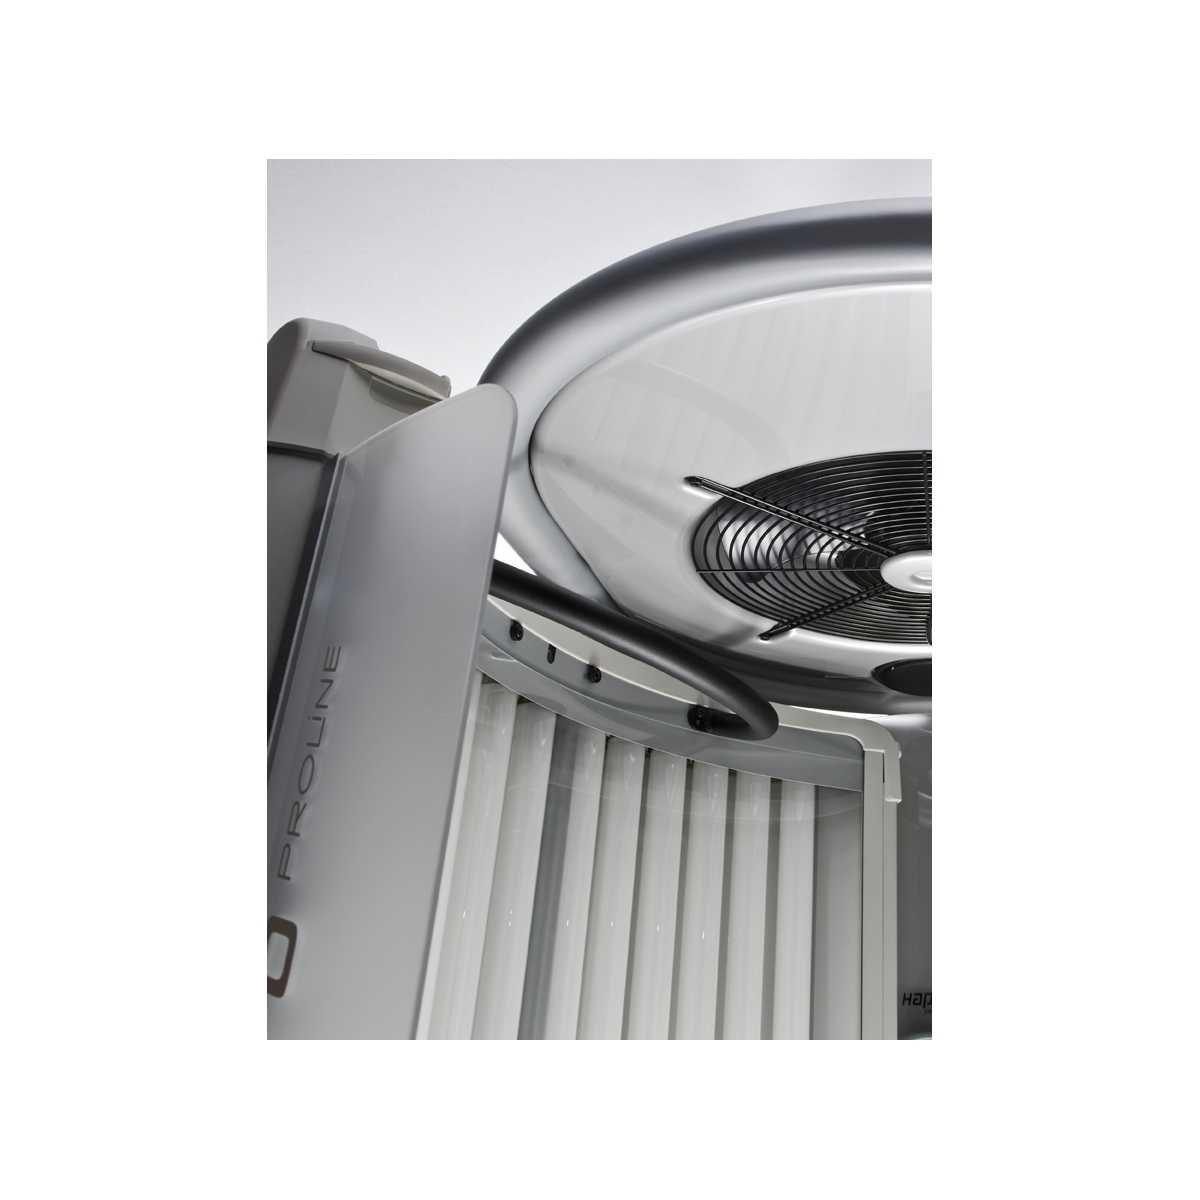 Ventilador central de extração e alto-falantes para Proline 28V